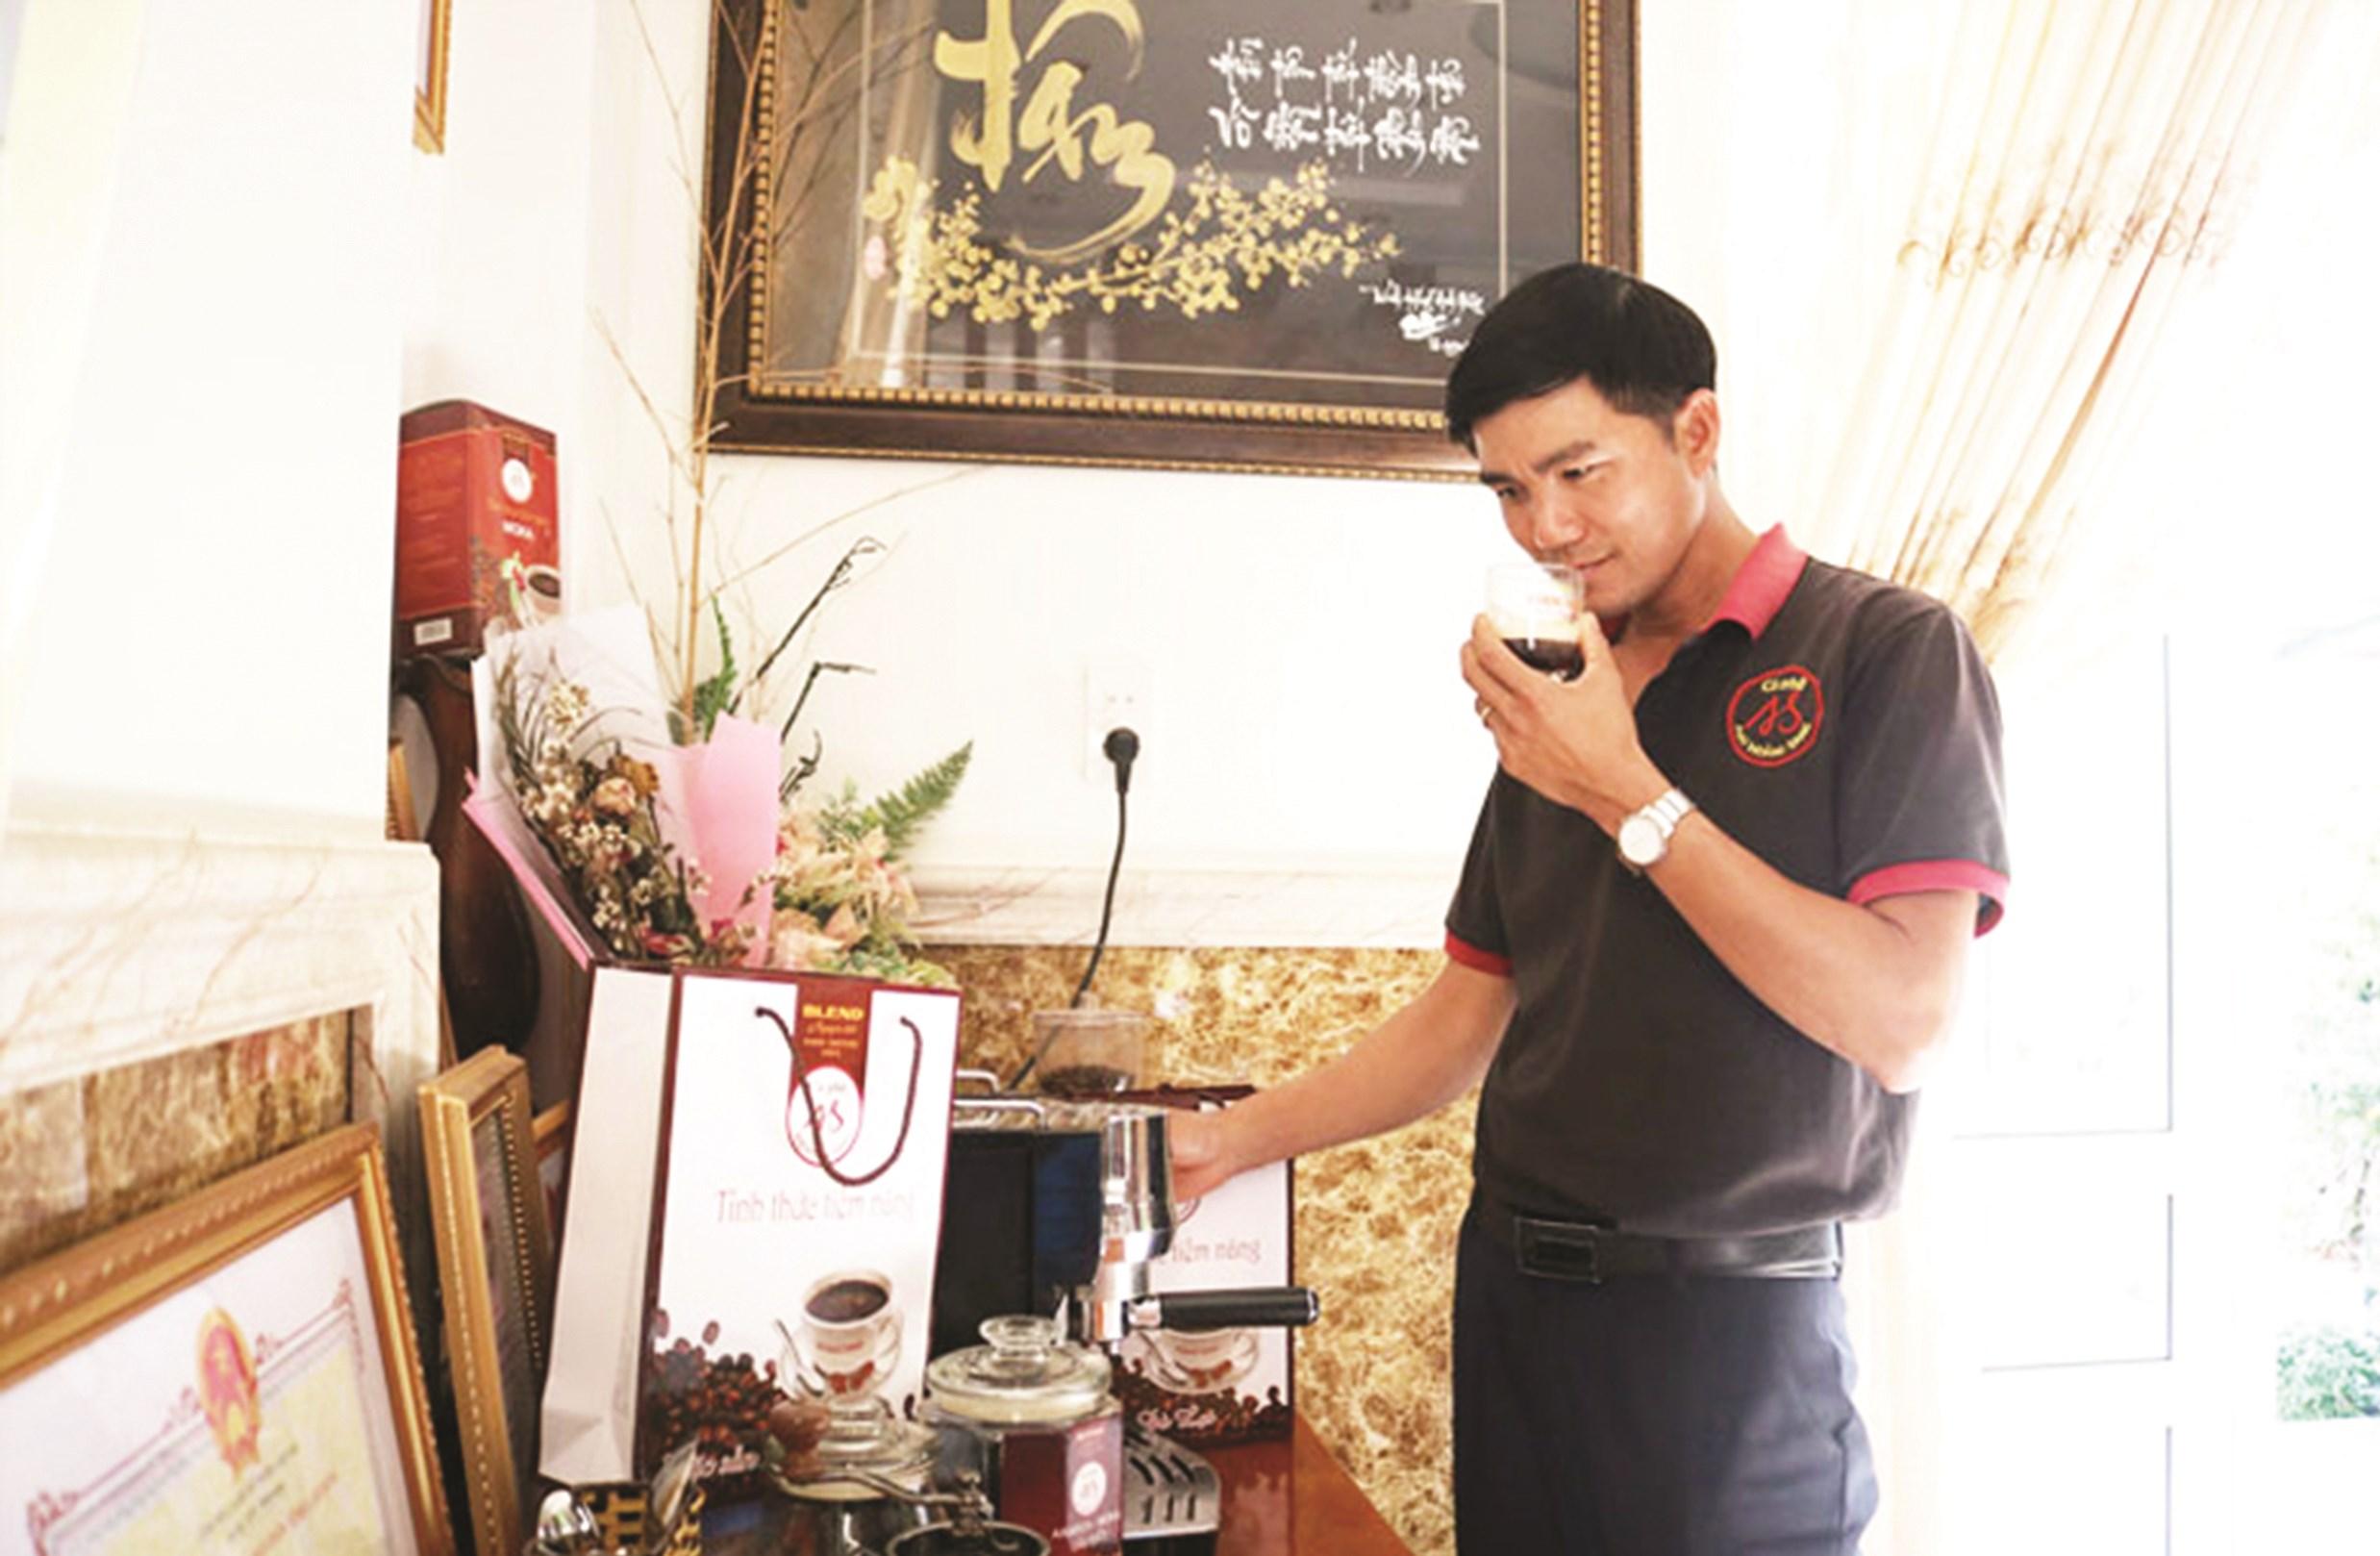 Sản phẩm cà phê của Công ty Mai Hoàng Sang đạt chất lượng 4 sao